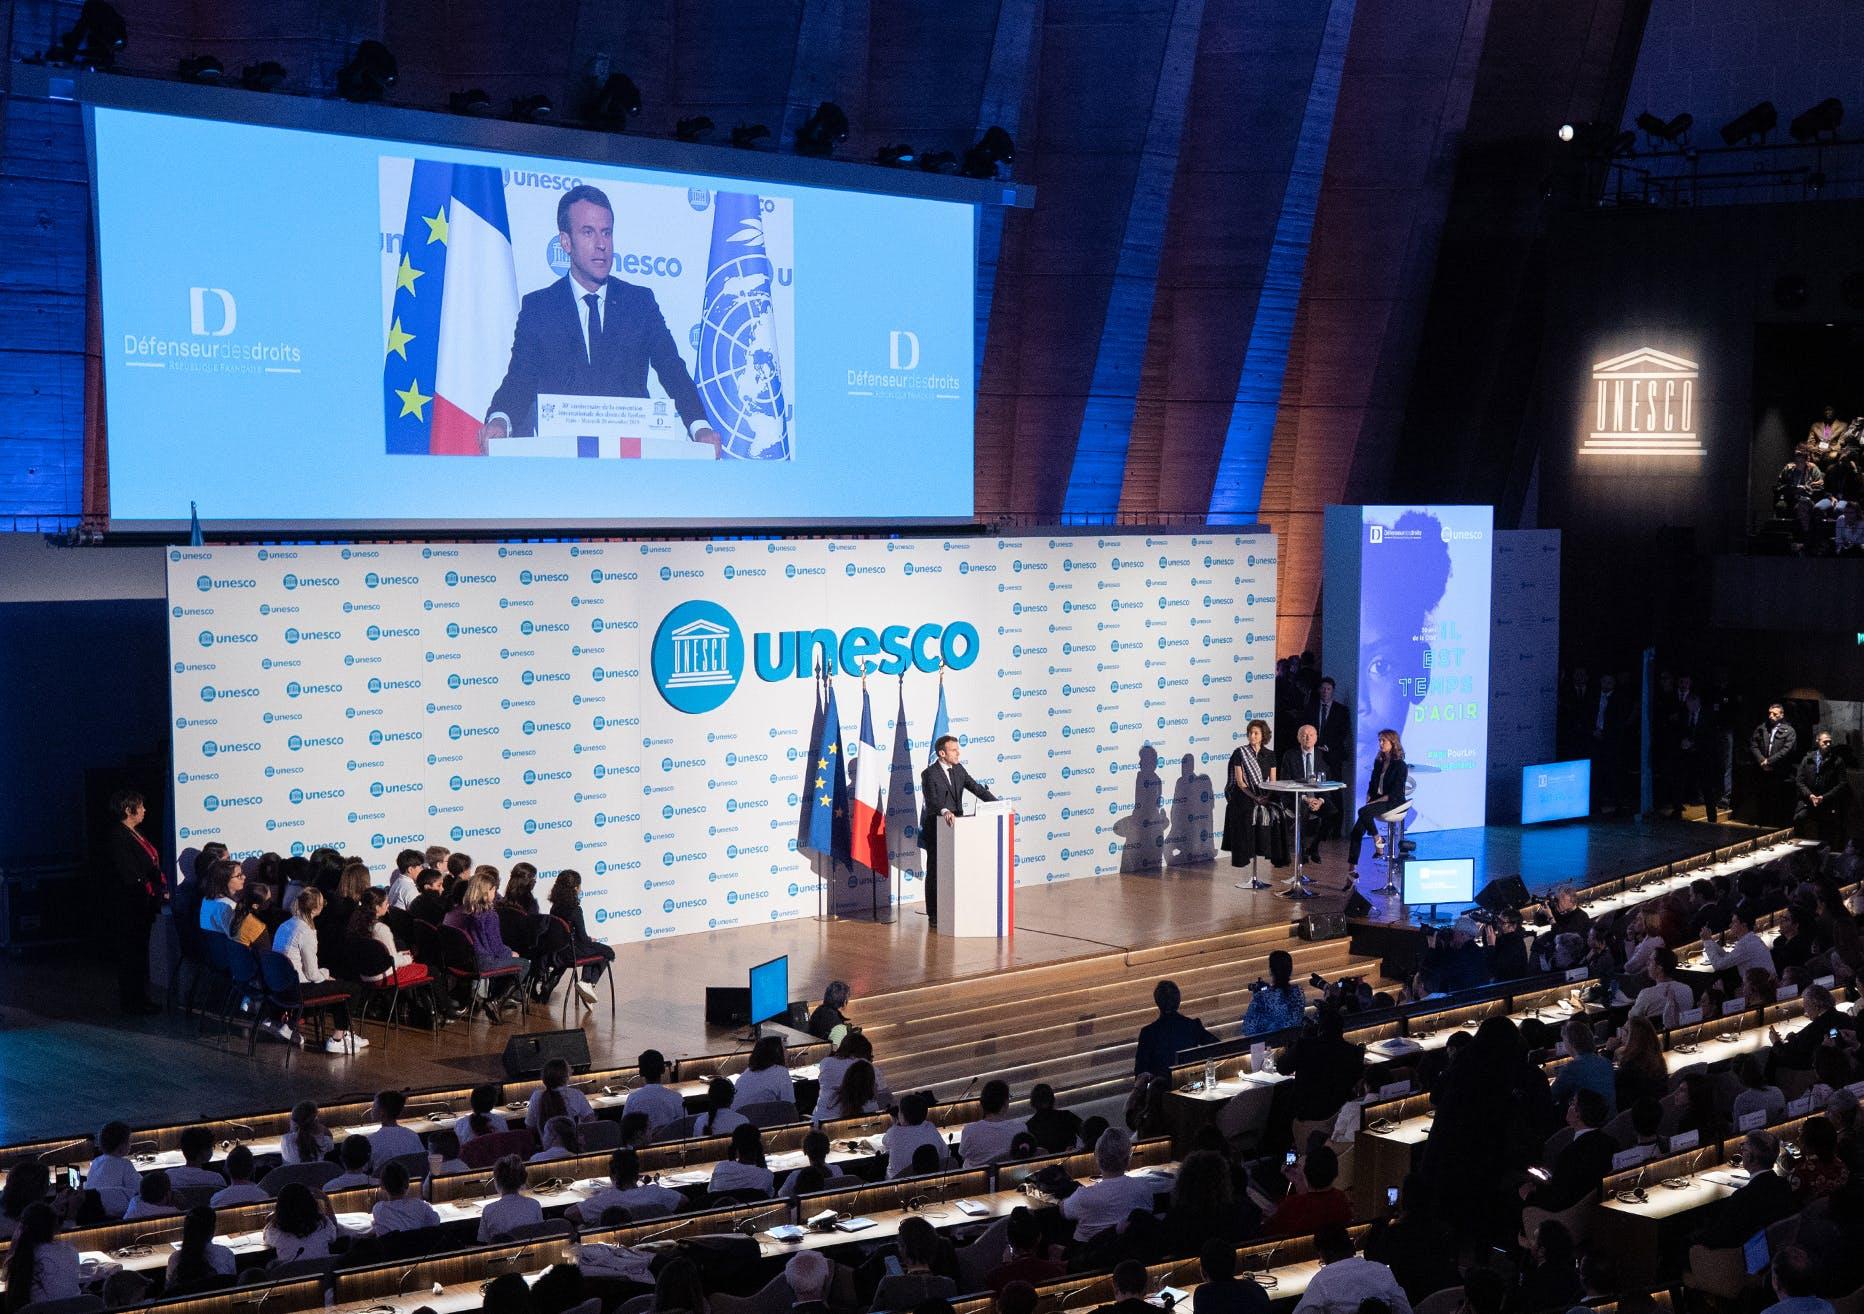 Unesco-(Ré)générations